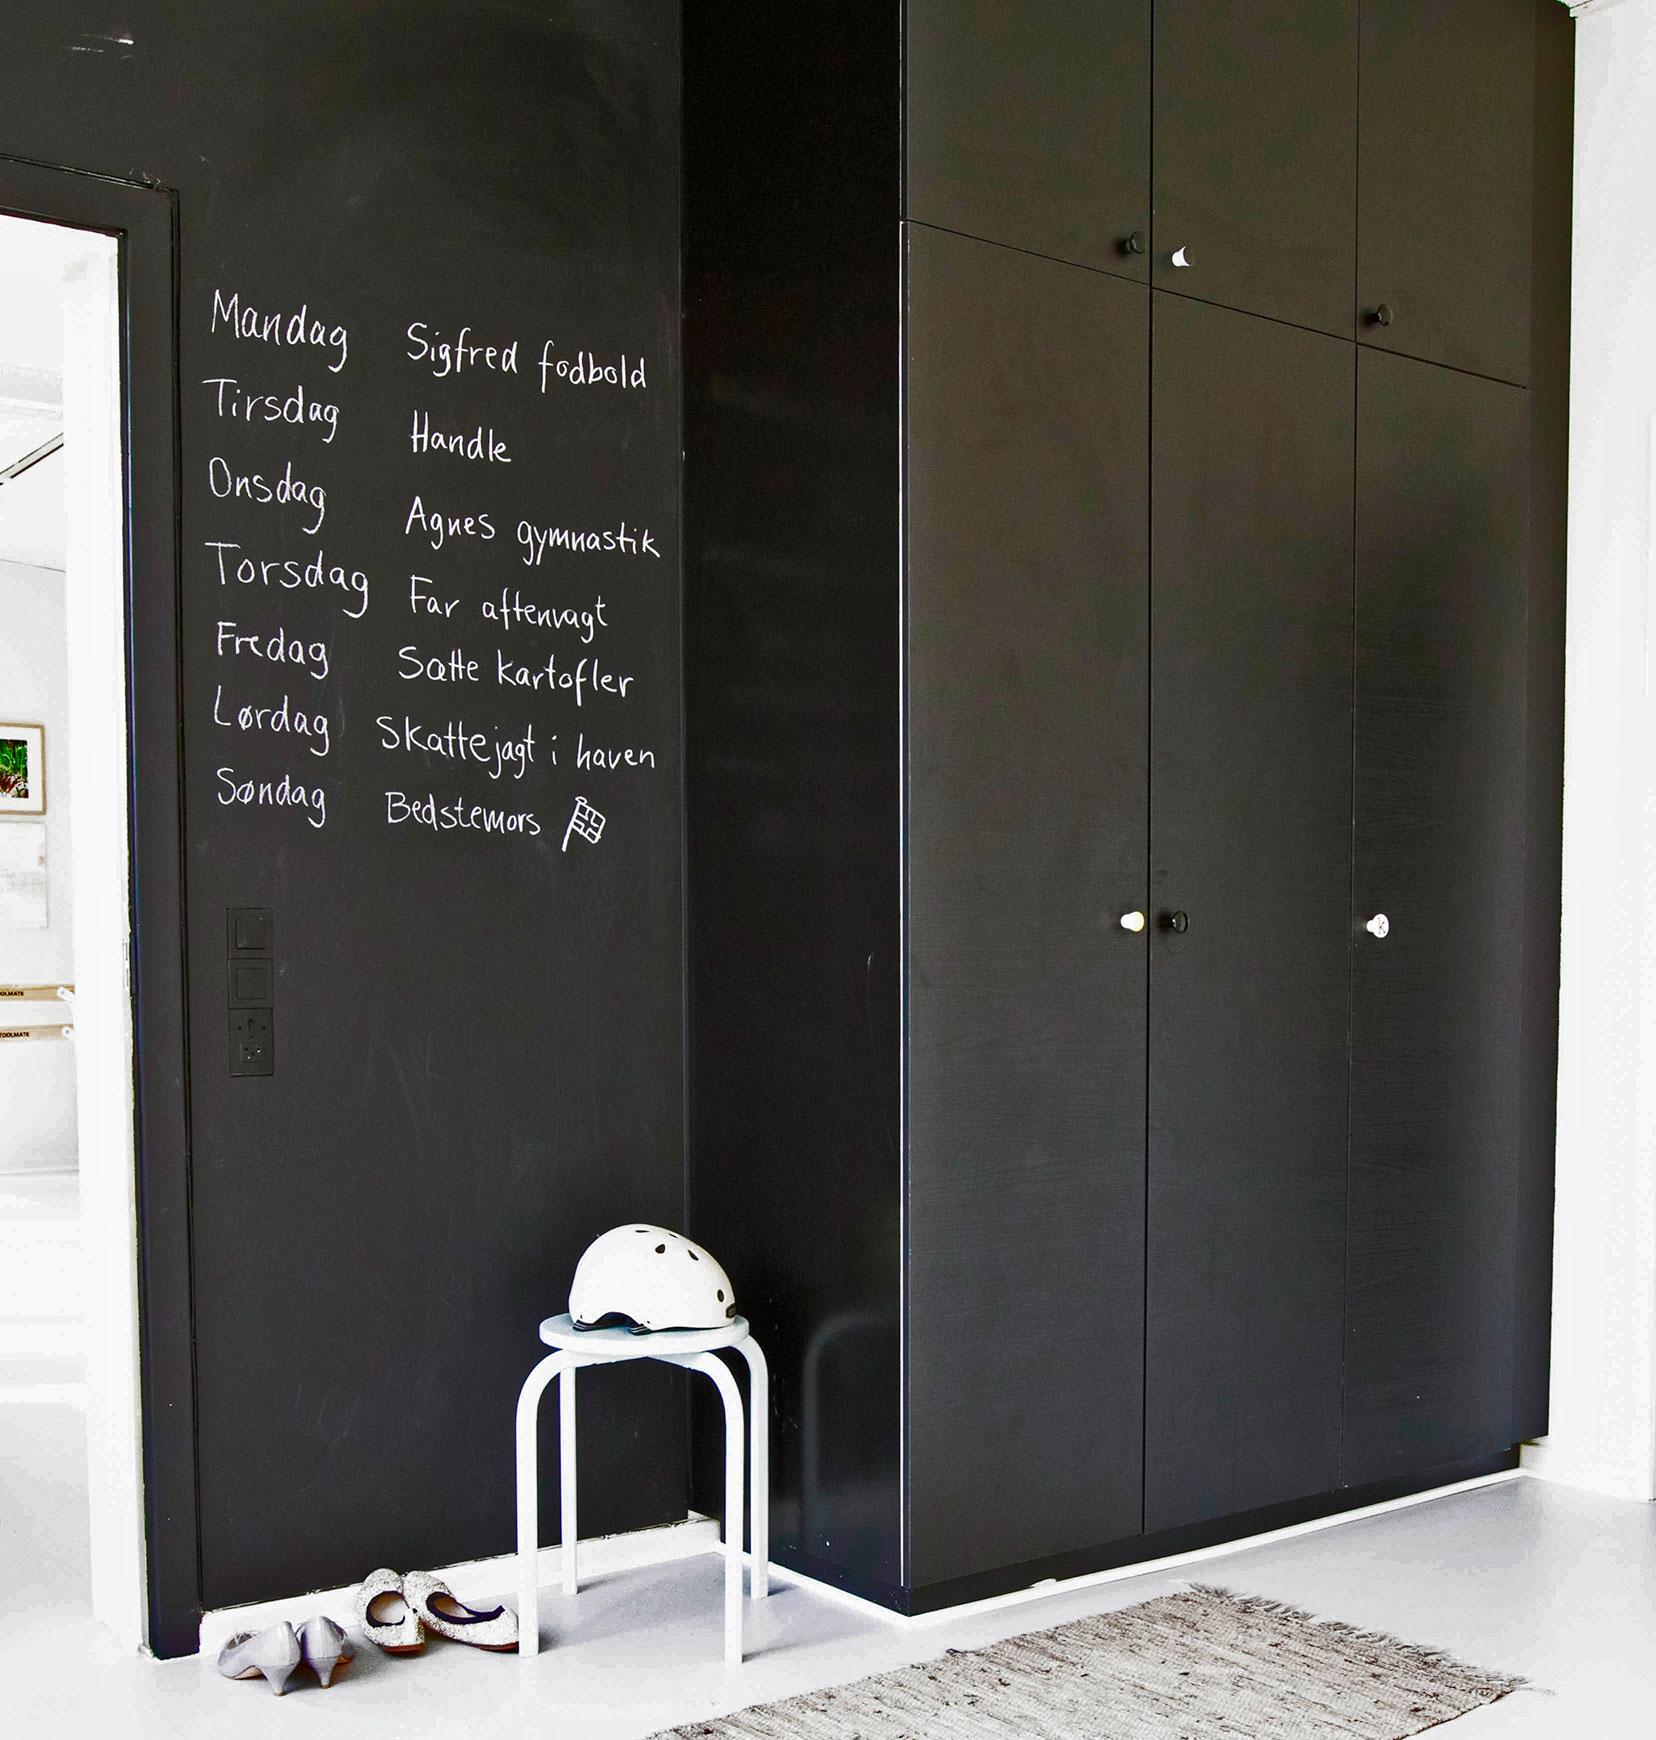 Væg med tavle til alle de praktiske oplysninger